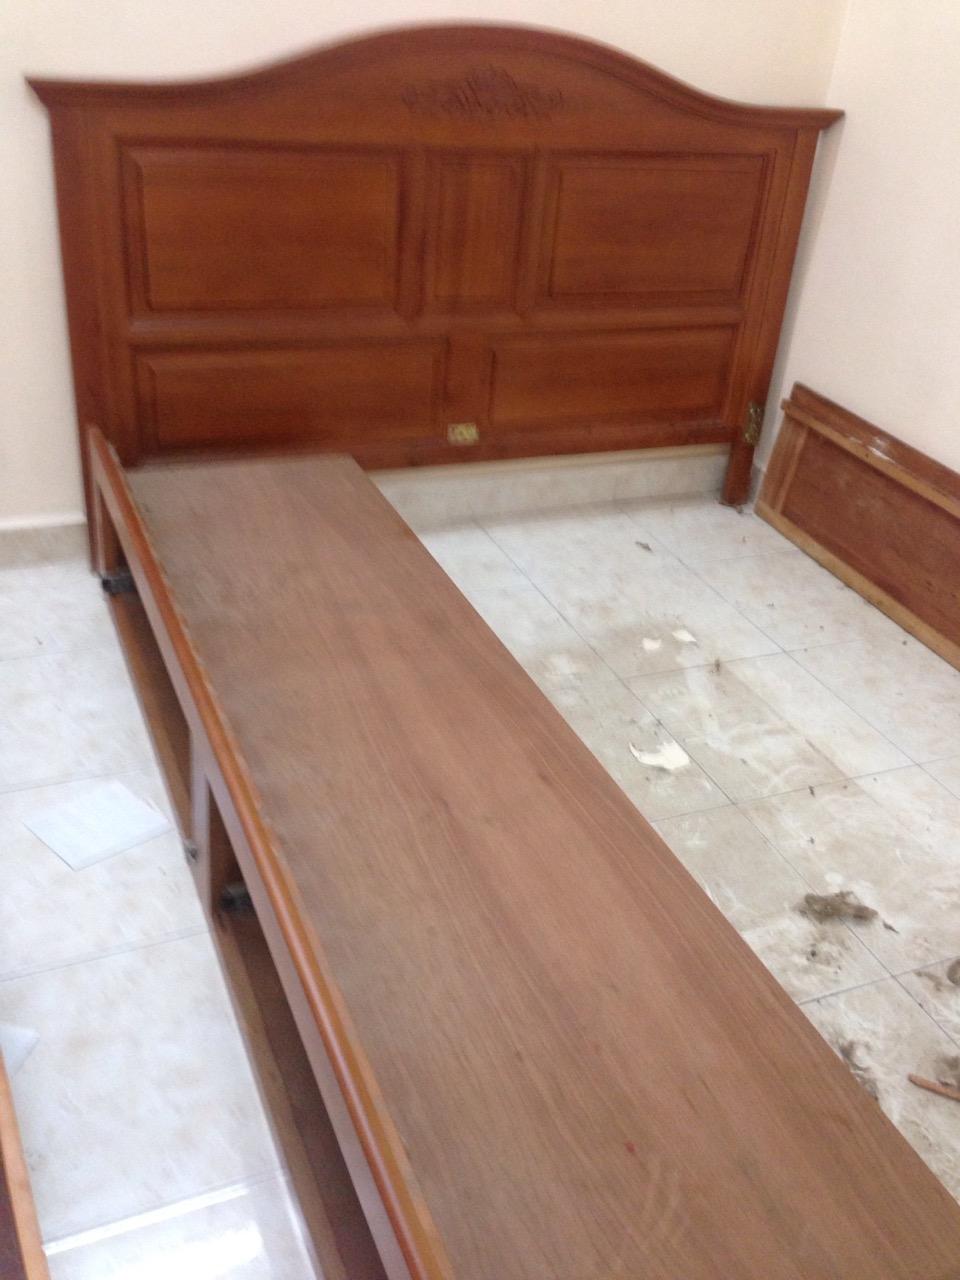 bán giường gỗ 1m6 cũ